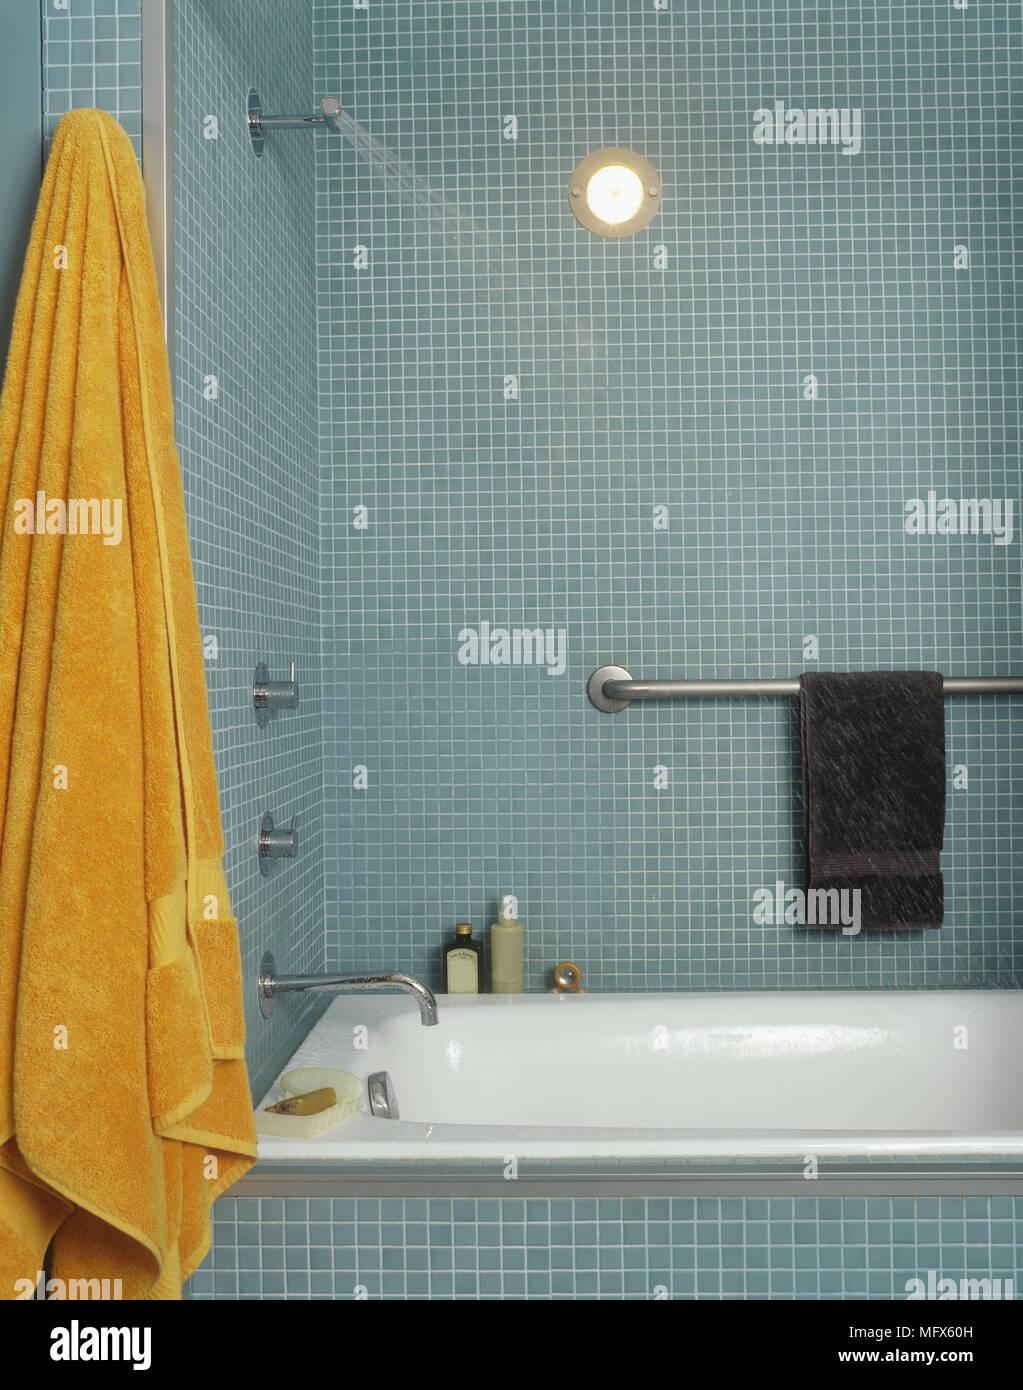 Ein Modernes Badezimmer Fliesen  Wände Mit Mosaik Fliesen Bad Verchromte  Armaturen Handtuchhalter Orange Handtuch Tippen